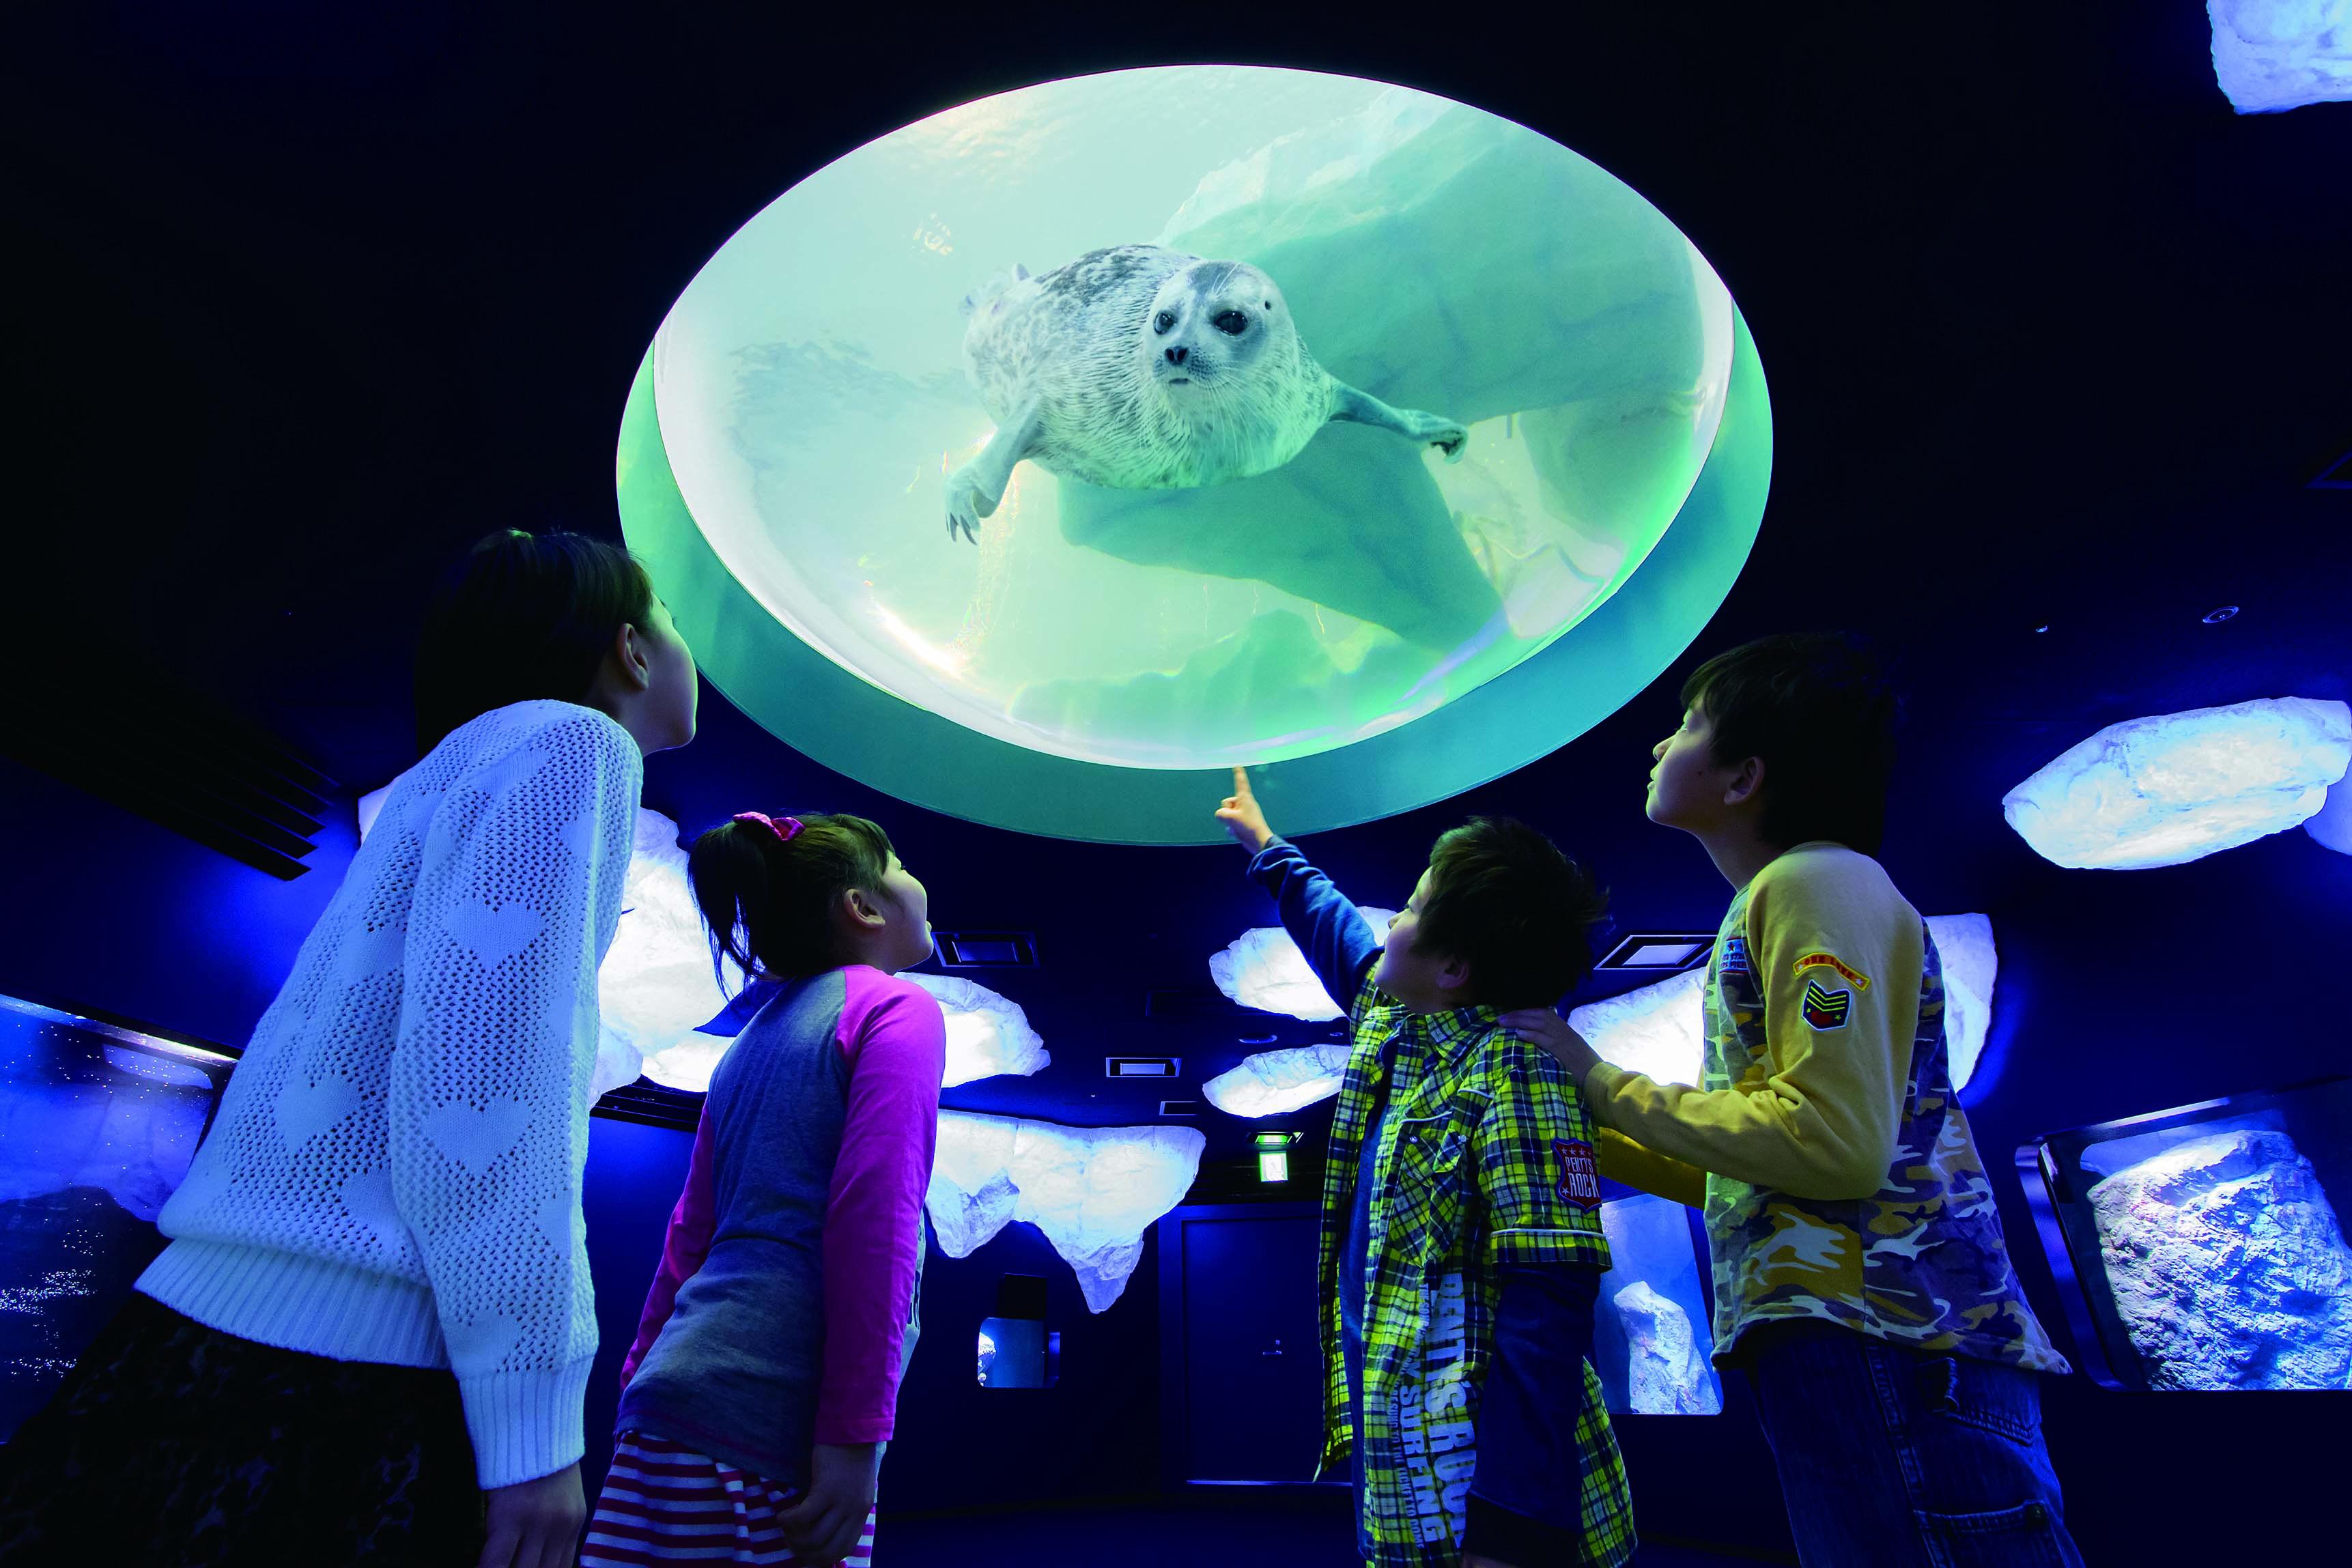 Frais De Aquarium Osaka Concept Idées de table